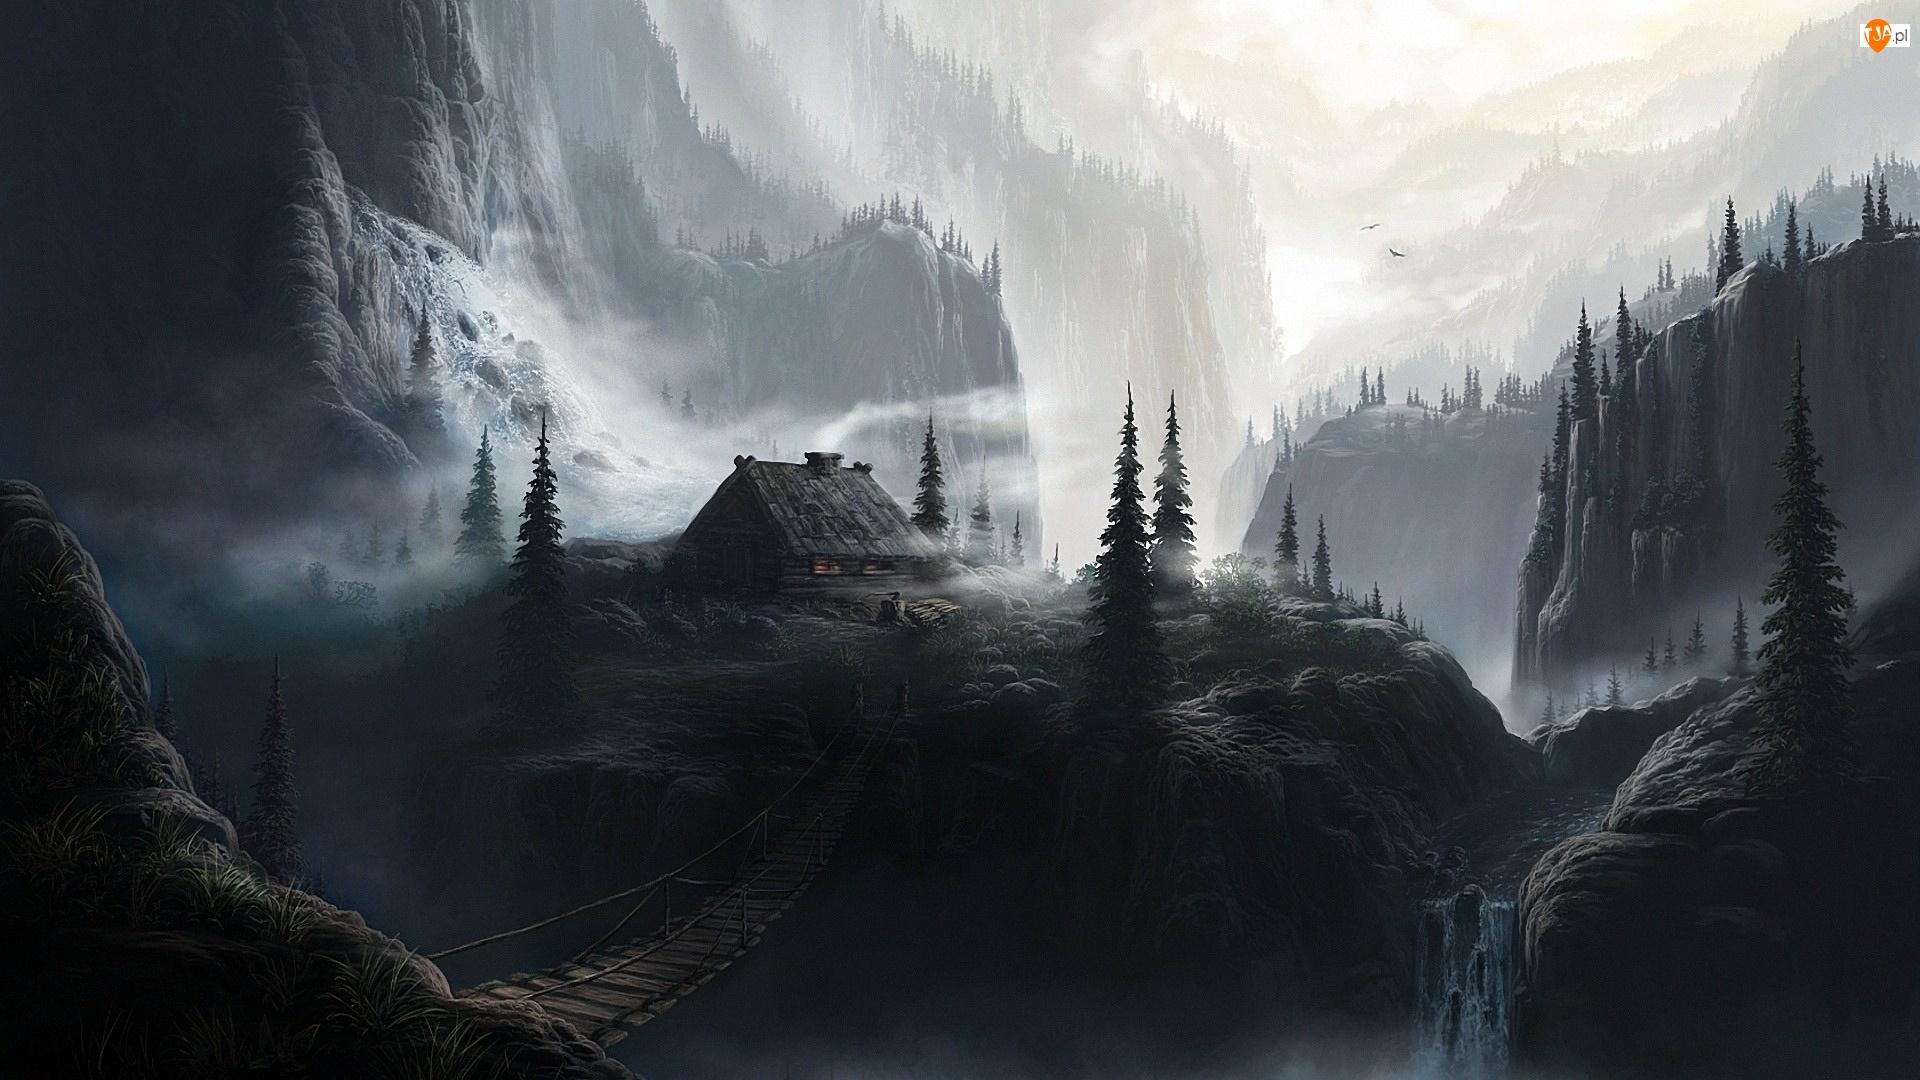 Góry, Mgła, Las, Domek